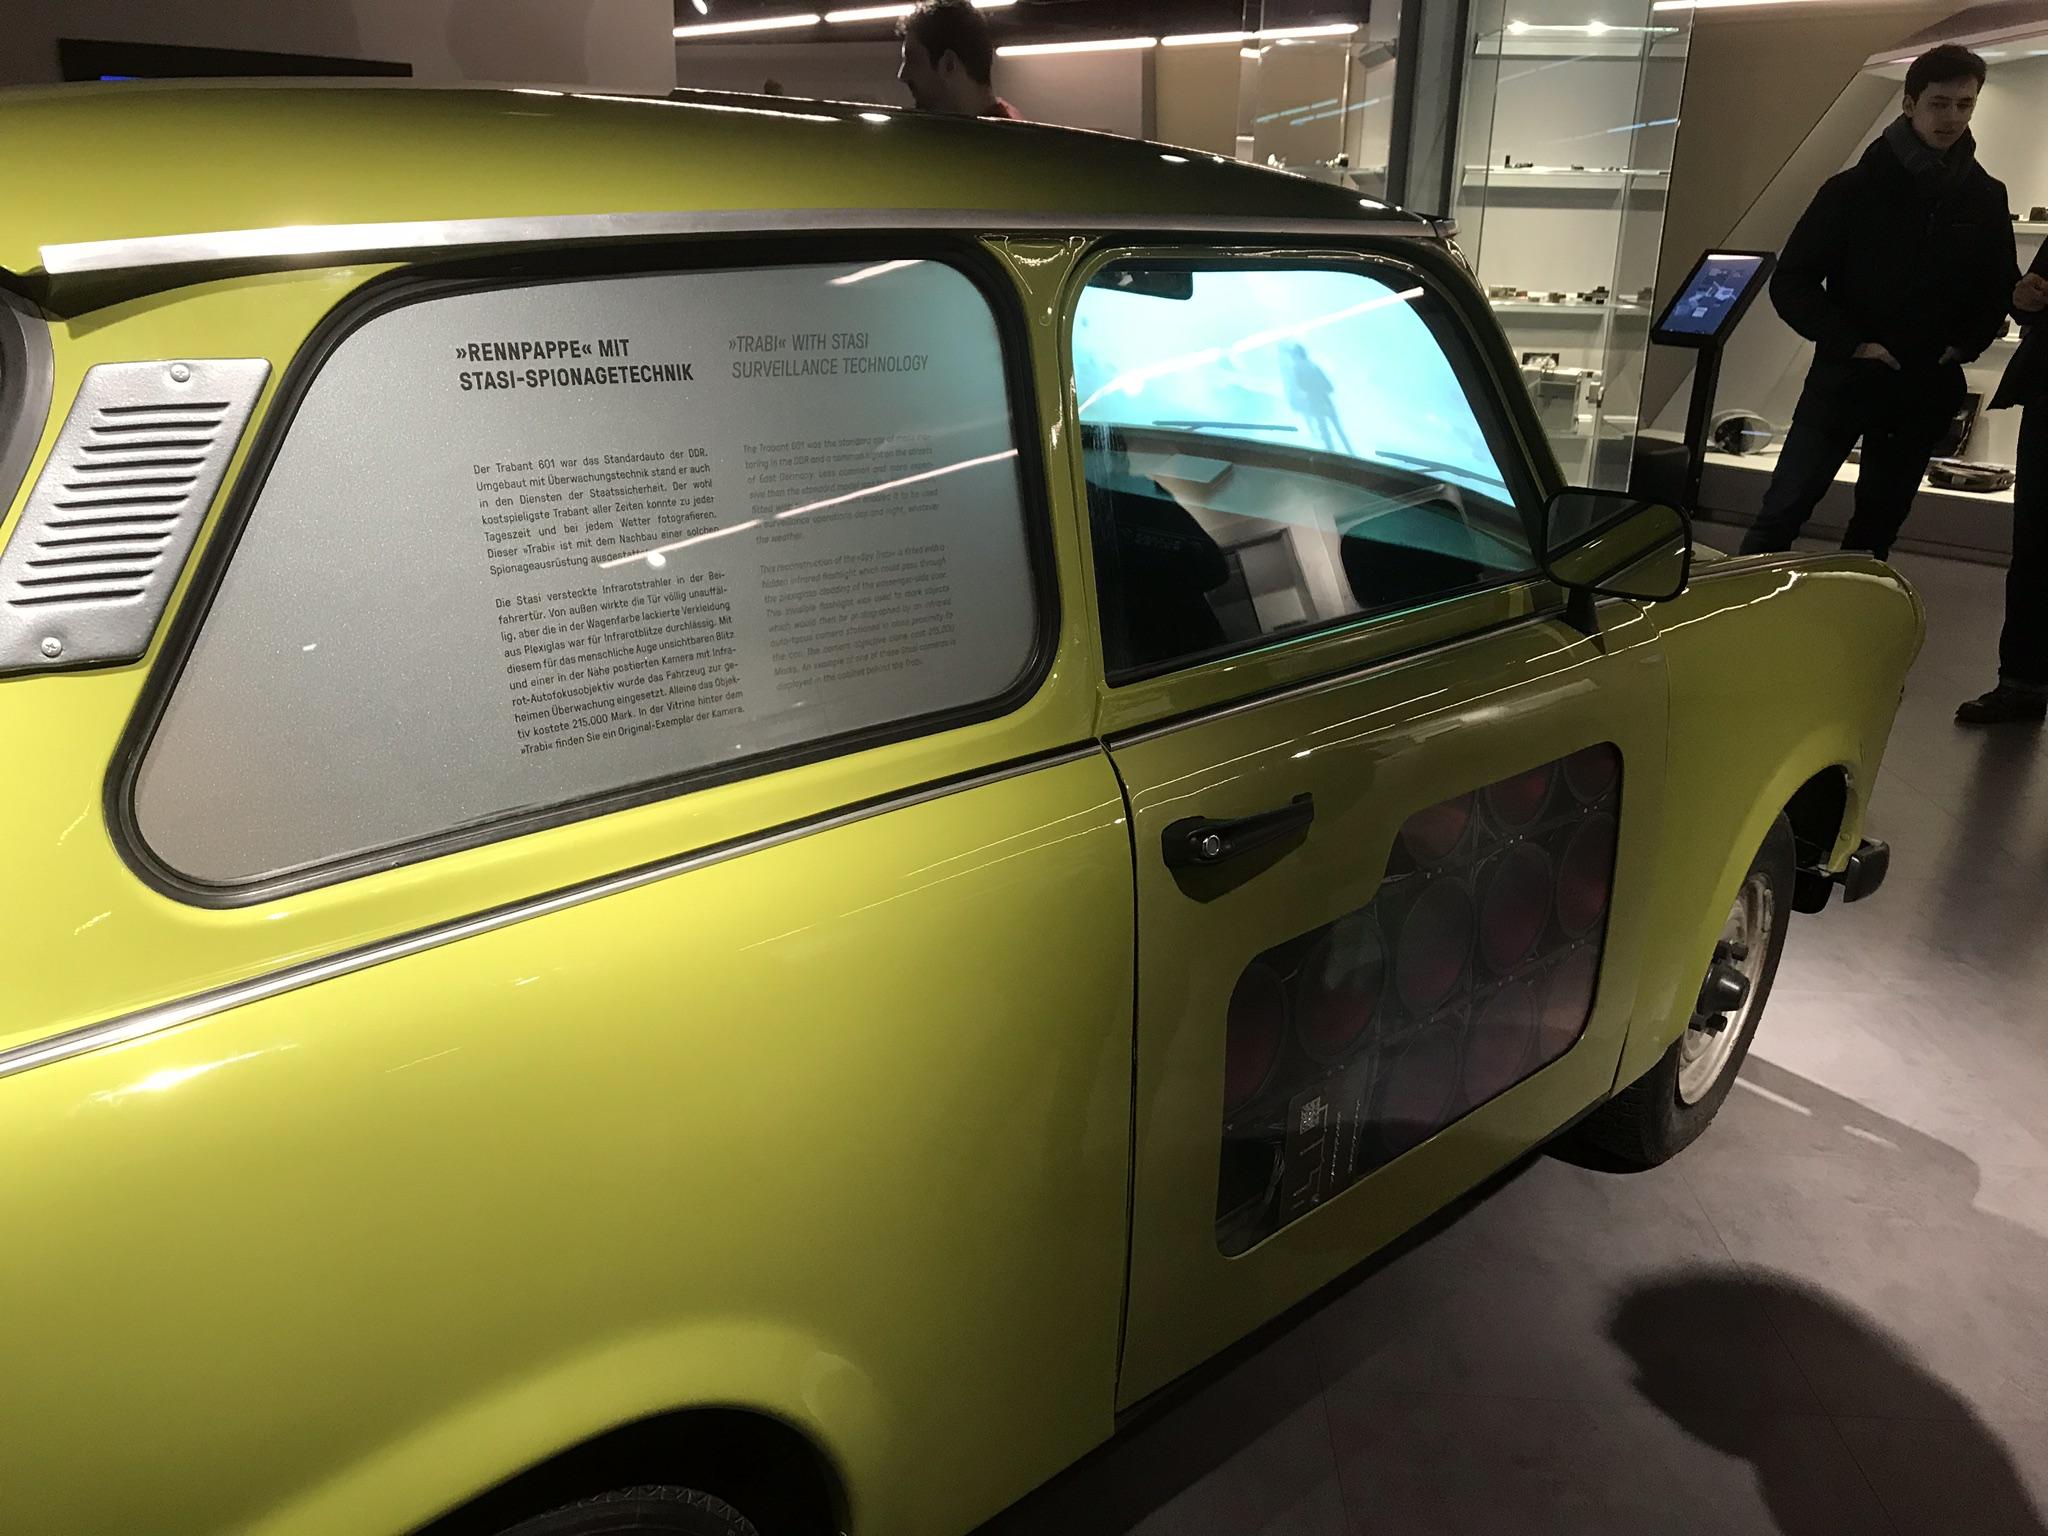 Demorava-se 16 anos para conseguir um Trabi. A Stasi utilizava os carros para a espionagem.